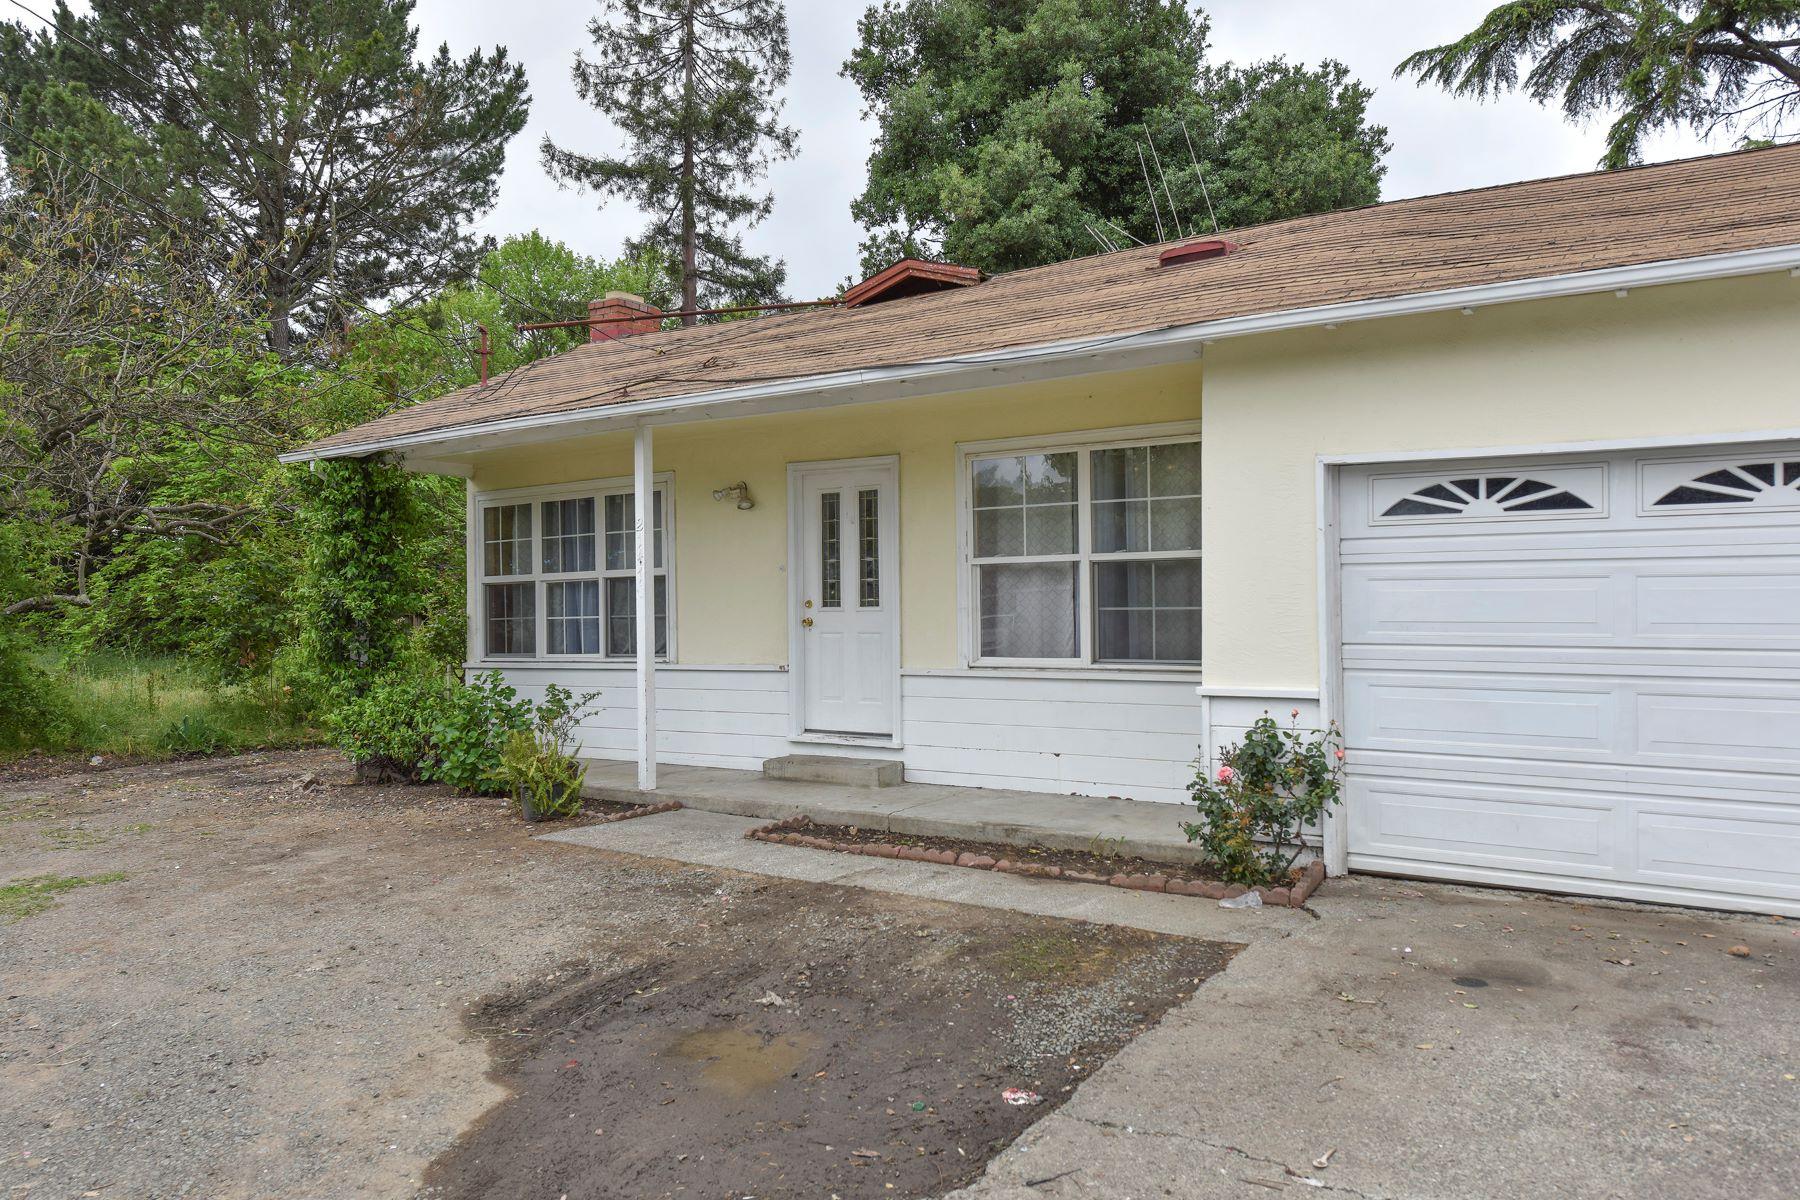 Villa per Vendita alle ore A Charming Three Bedroom Home on a Spacious Lot 2147 Soscol Avenue Napa, California, 94558 Stati Uniti